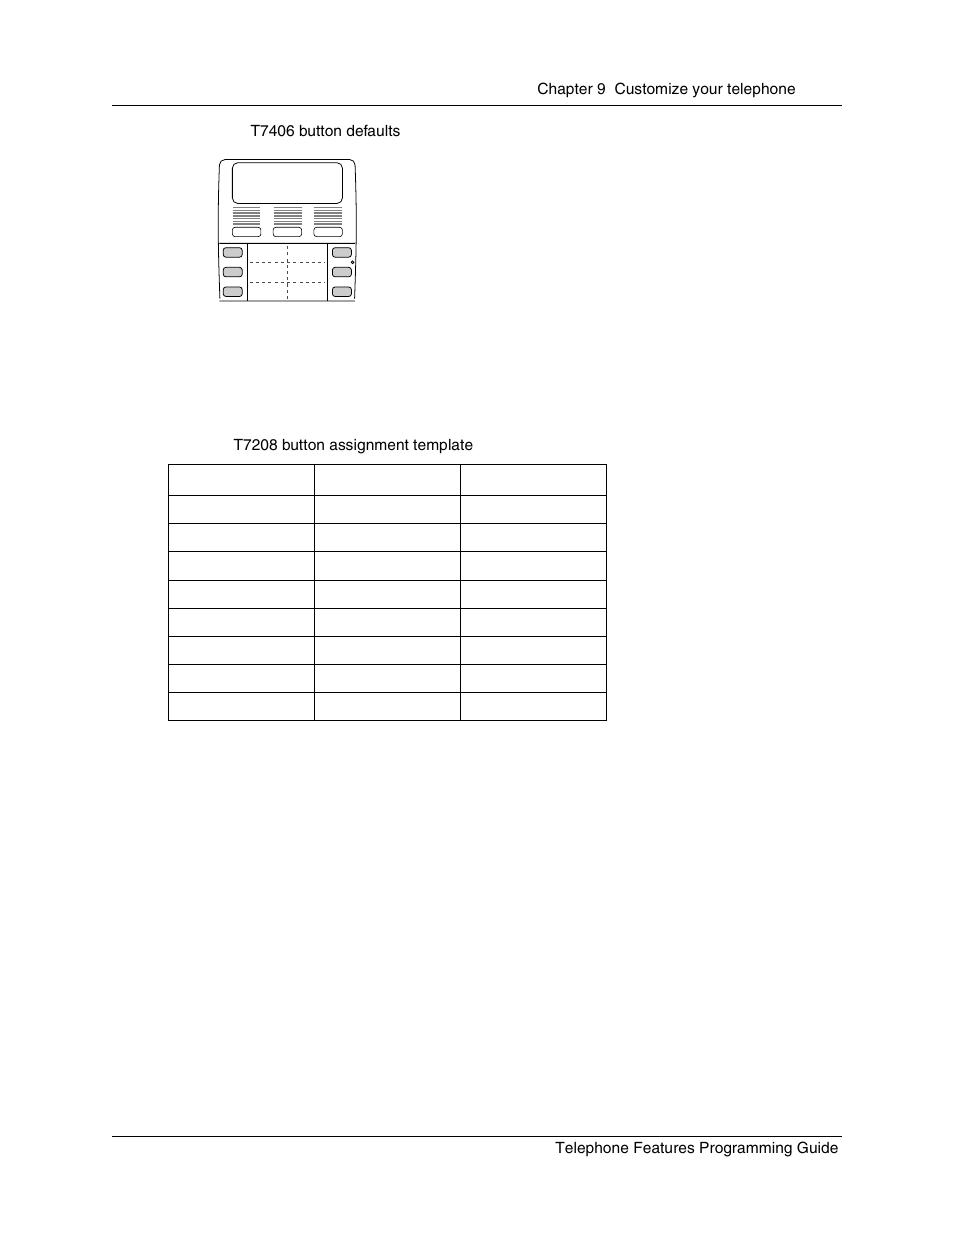 T7208/m7208(n) telephone button defaults, Figure 13, T7406 button